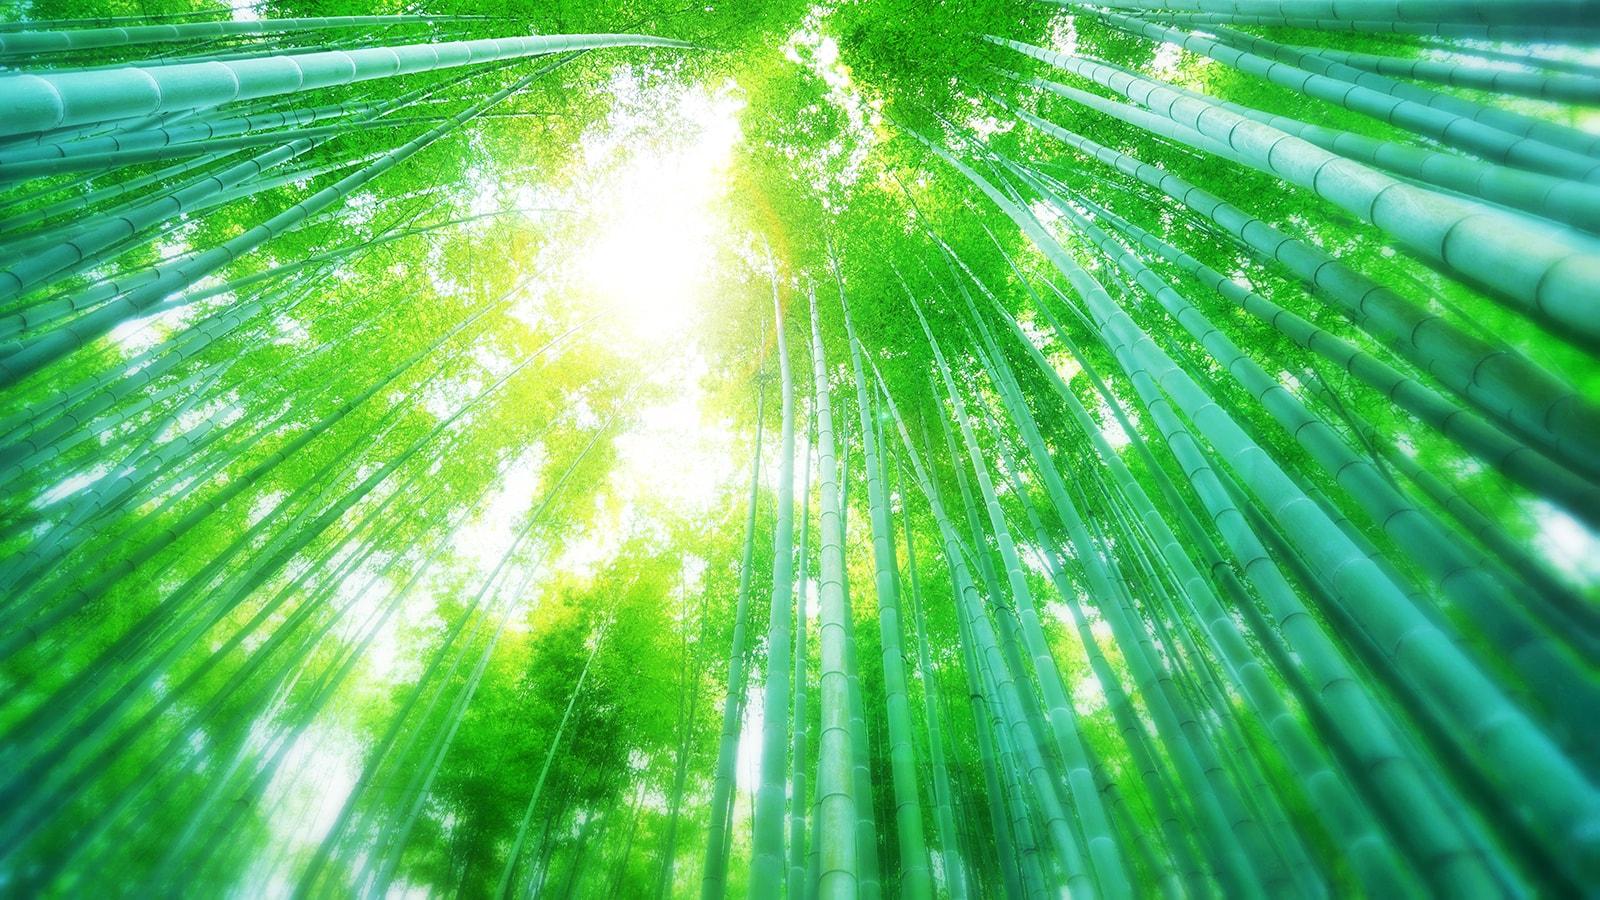 竹の庭の美しい竹林を見上げると、そこには絶景が - -神奈川県鎌倉市にある観光、撮影スポット- -